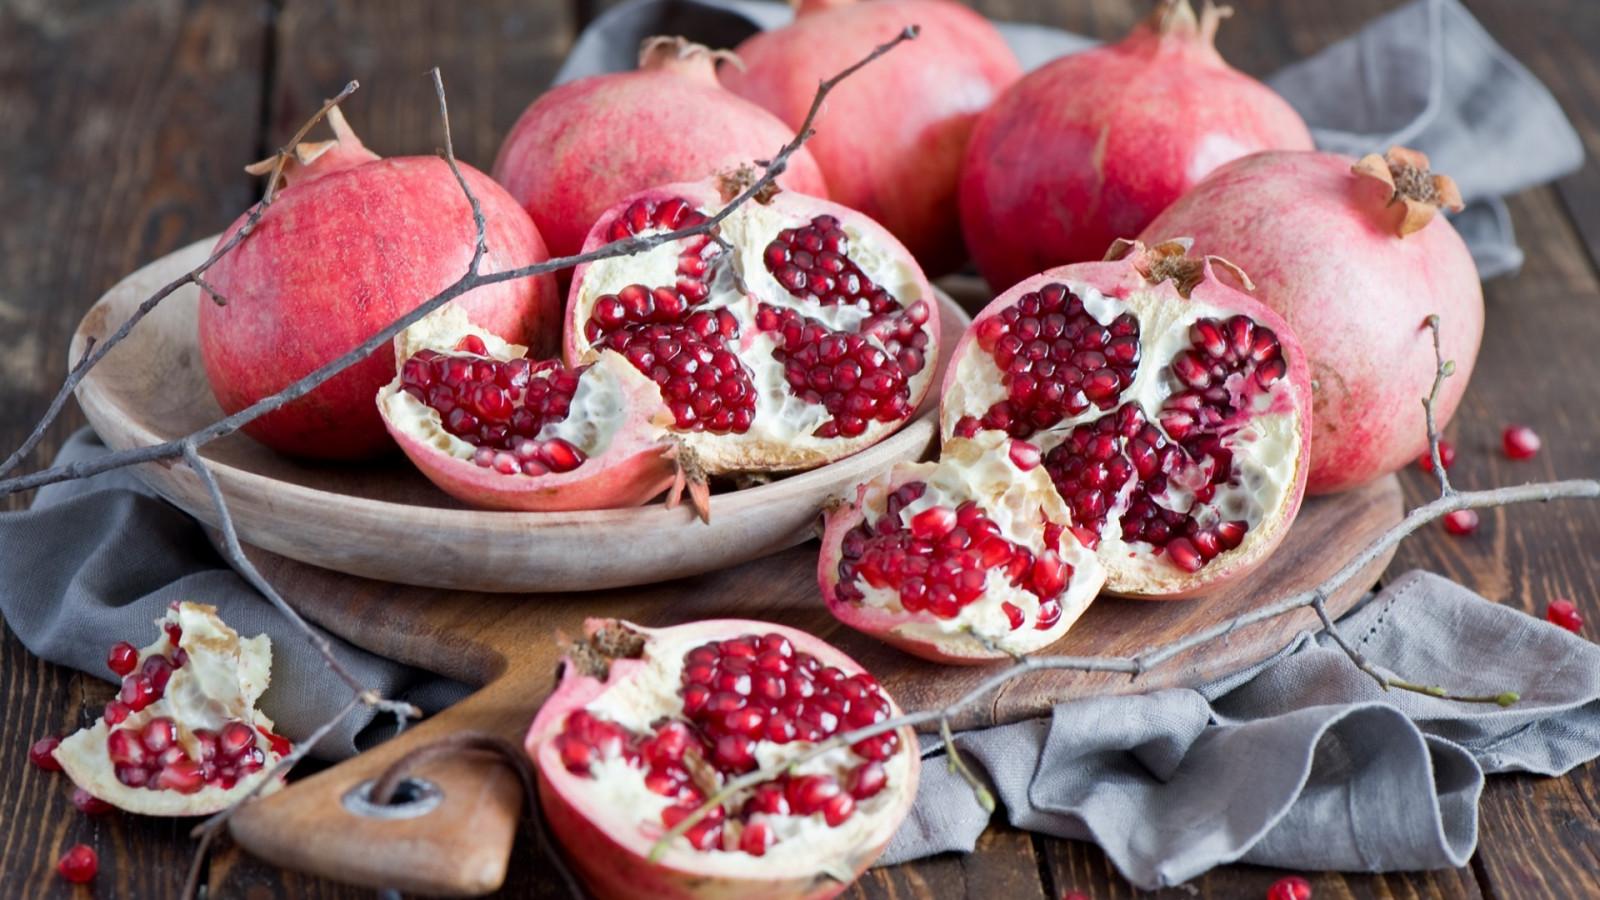 makanan buah delima menanam menghasilkan